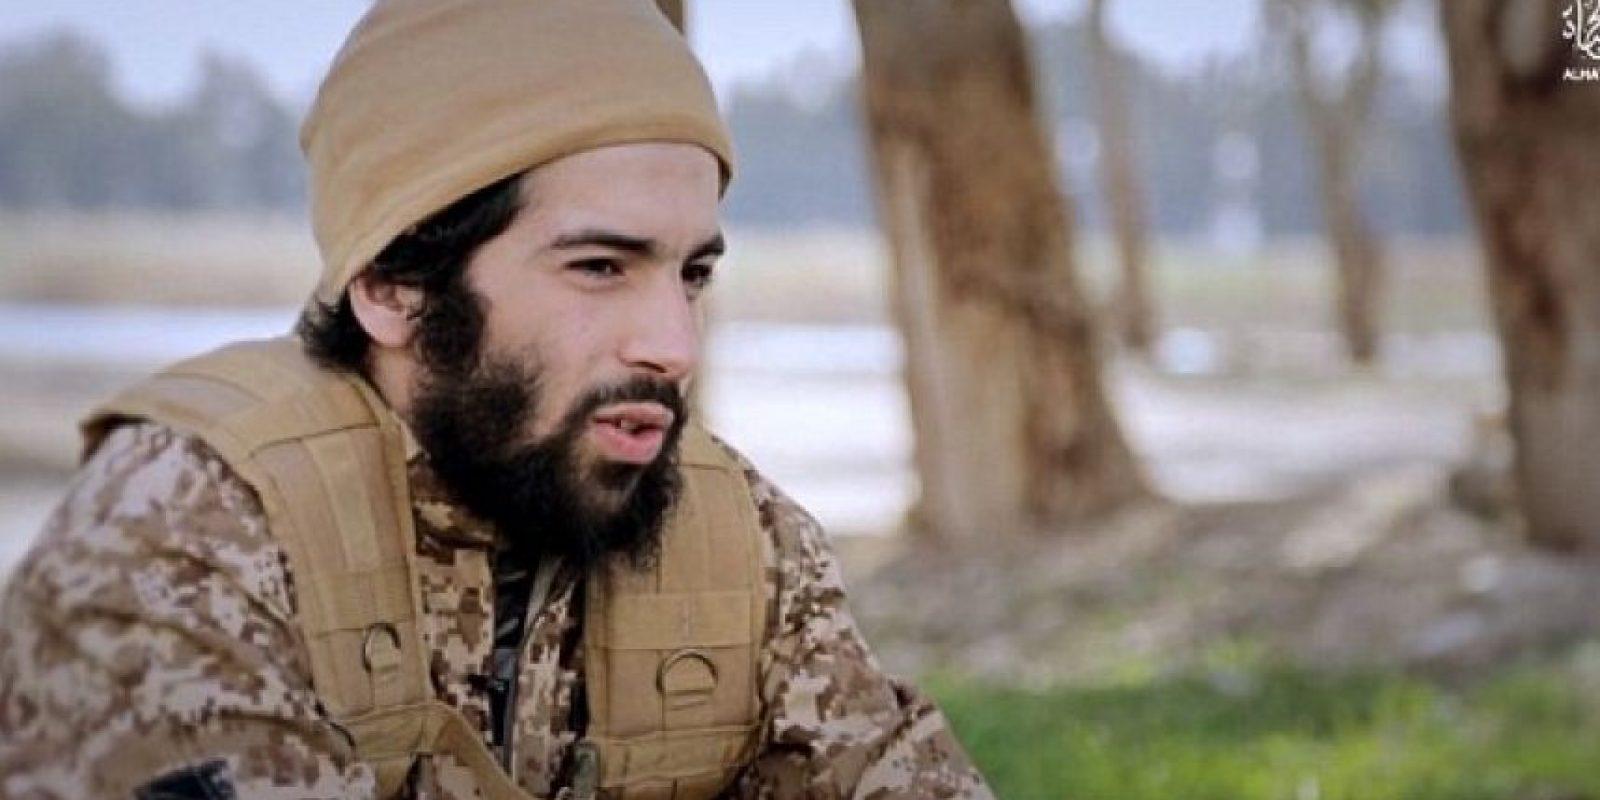 Chakib Akrouh, se hizo explotar días después, en la redada donde murió Abdelhamid Abaaoud Foto:Video de Estado Islámico. Imagen Por: